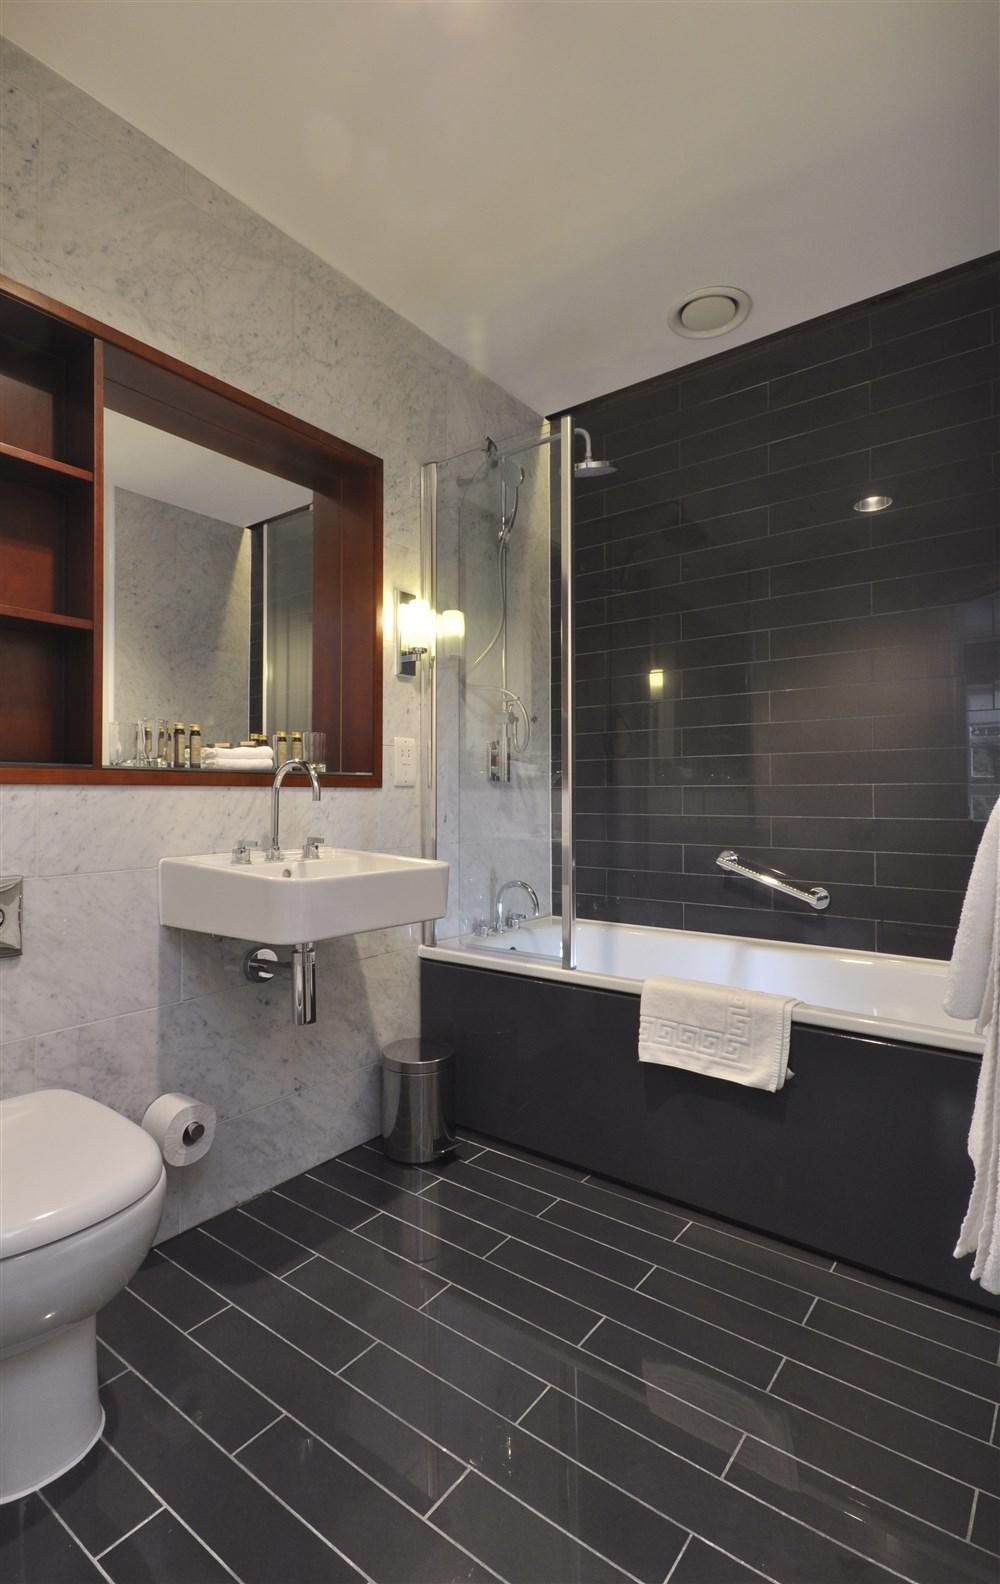 Griphon House Bathroom